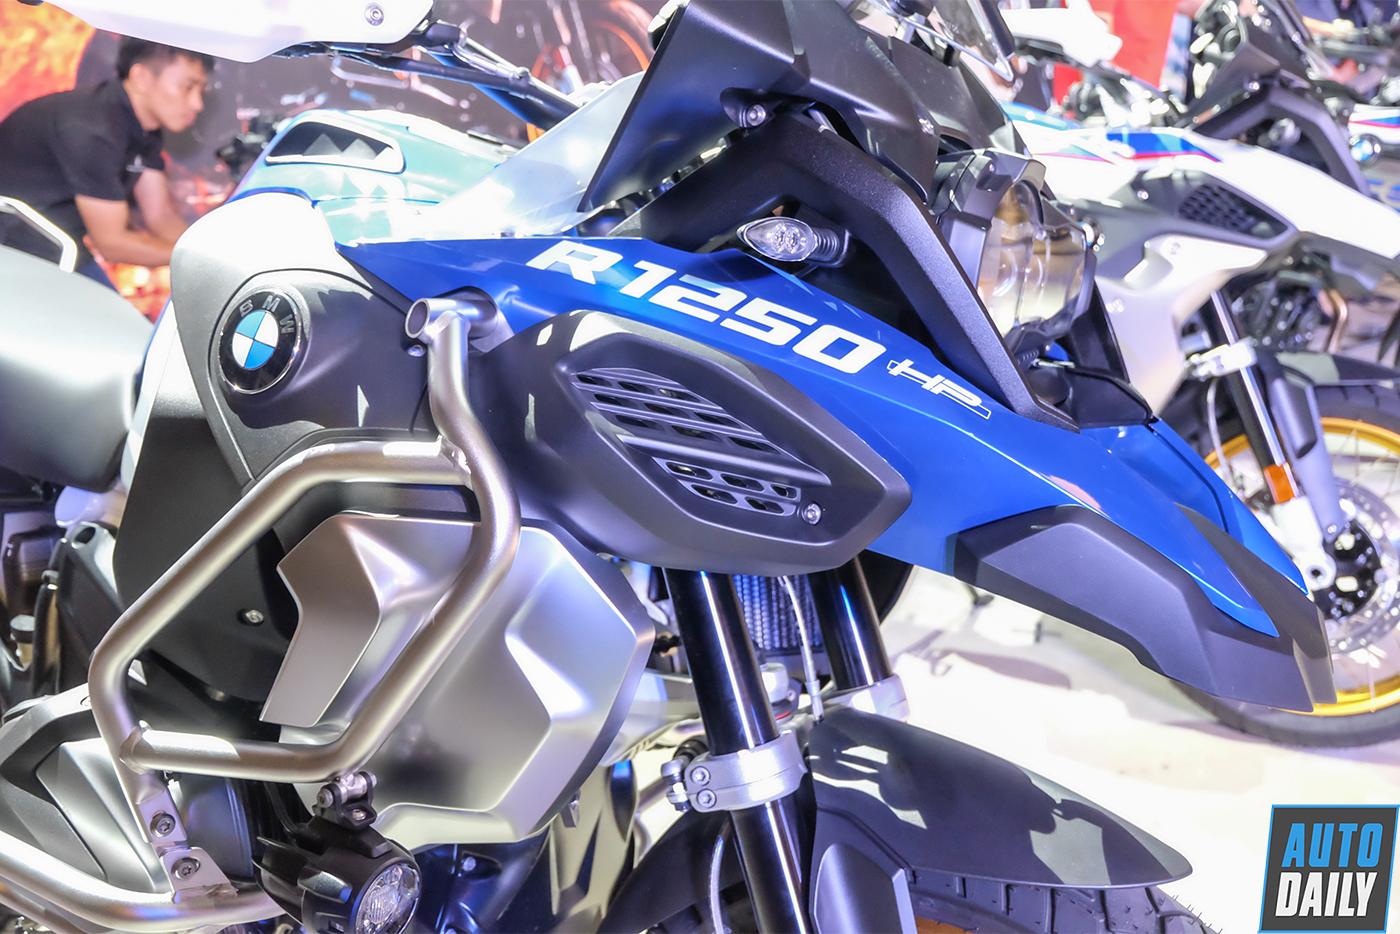 bmw-motorrad-r-1250-gsa-2019-49.jpg